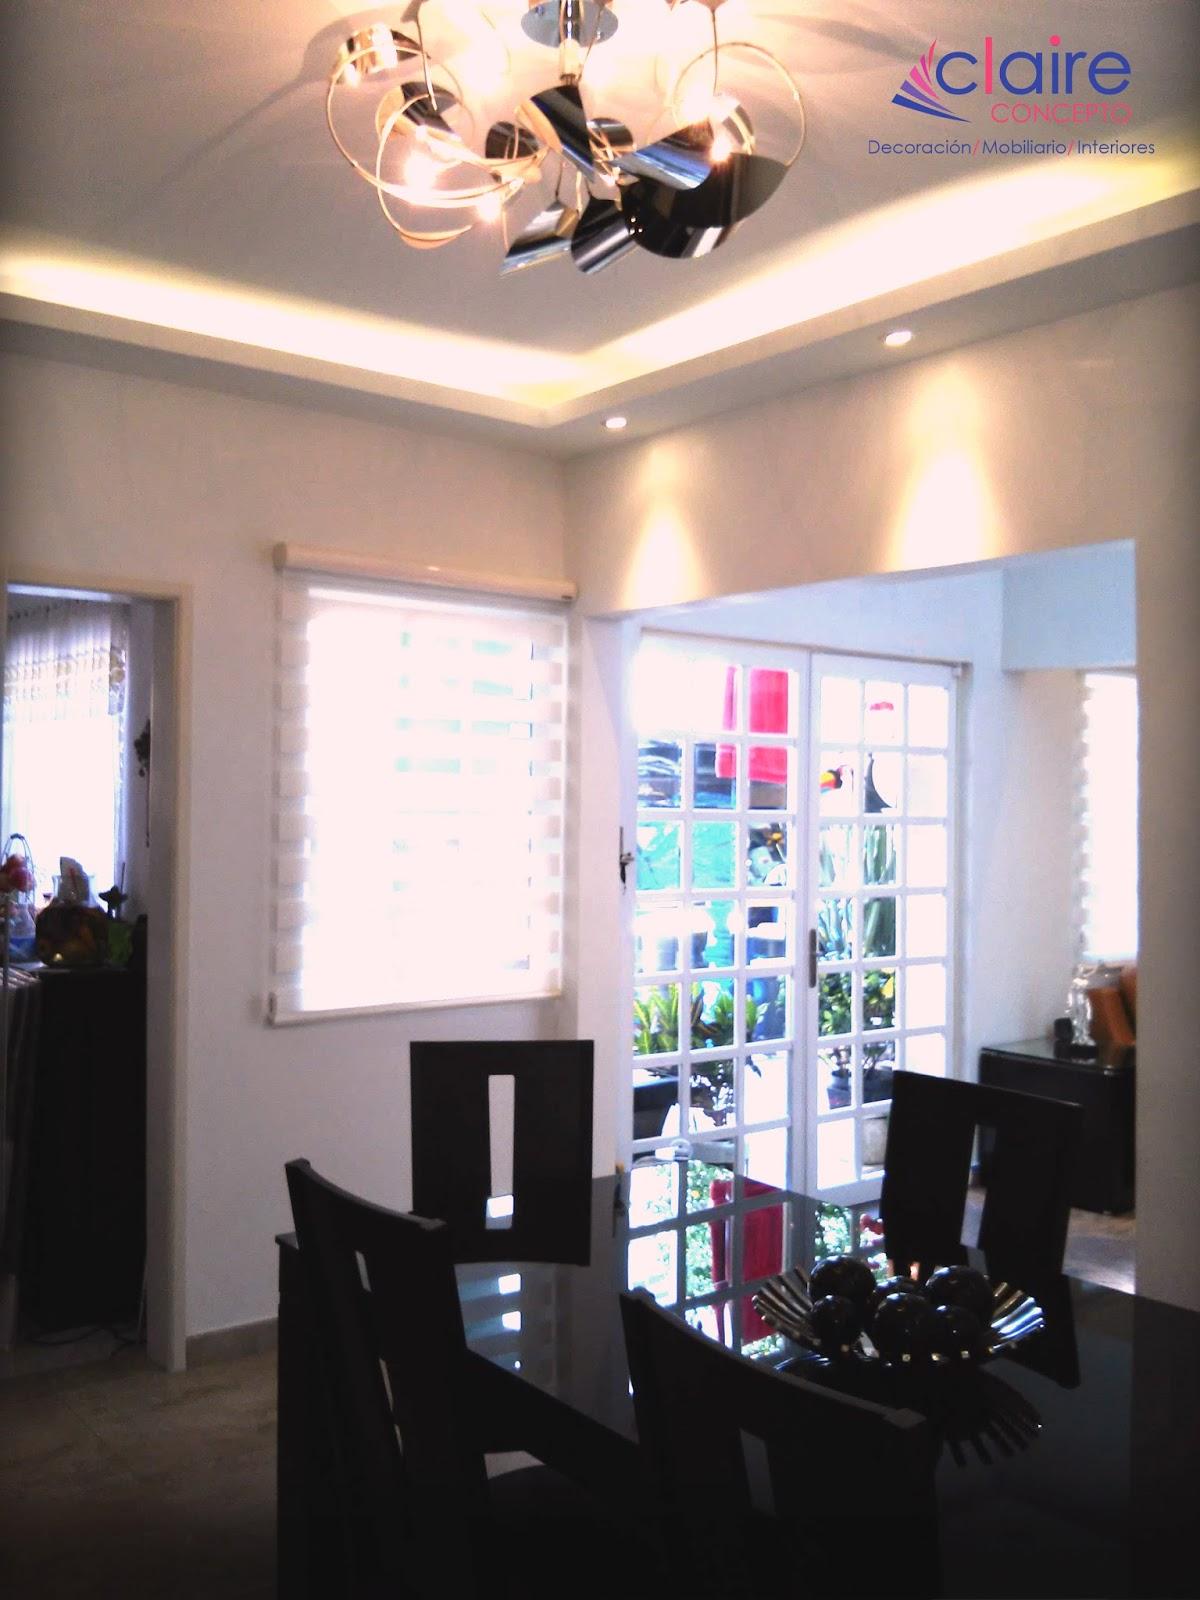 Remodelaci n de casas plafones de tablaroca muebles for Plafones de pared exterior